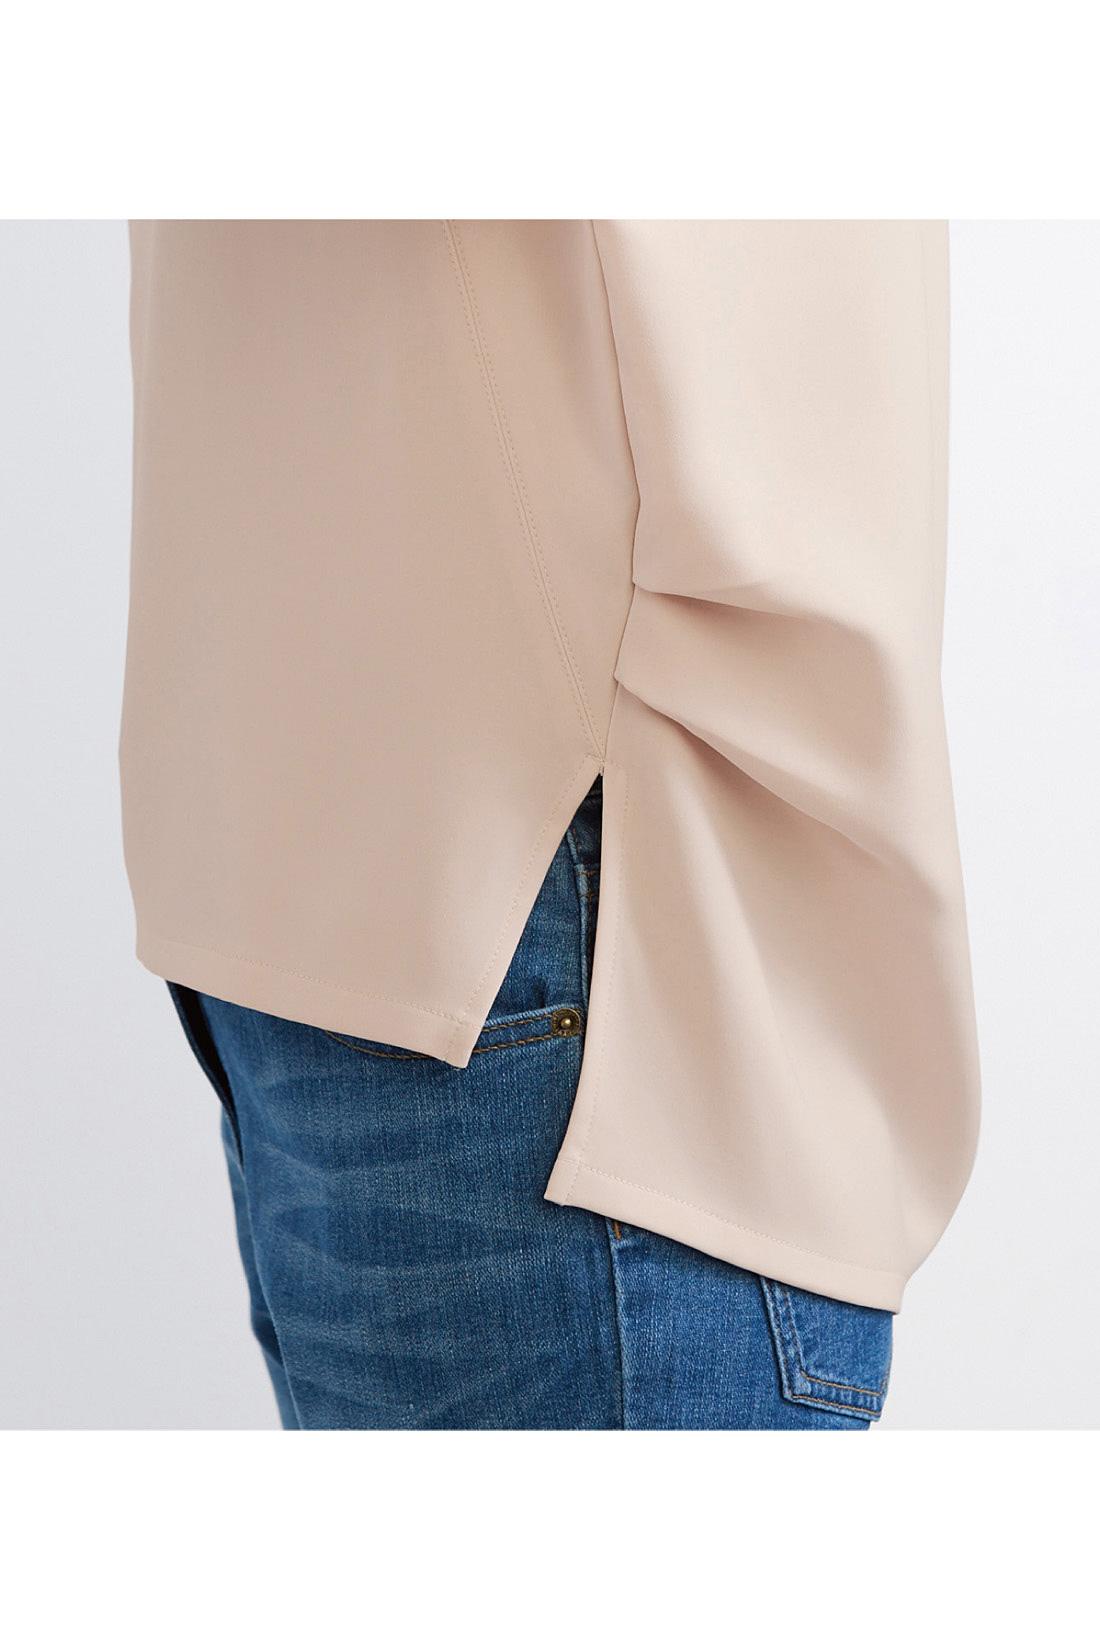 ウエストバックのタックでふんわり丸みのあるシルエット。ヒップまで隠れる安心の丈感です。